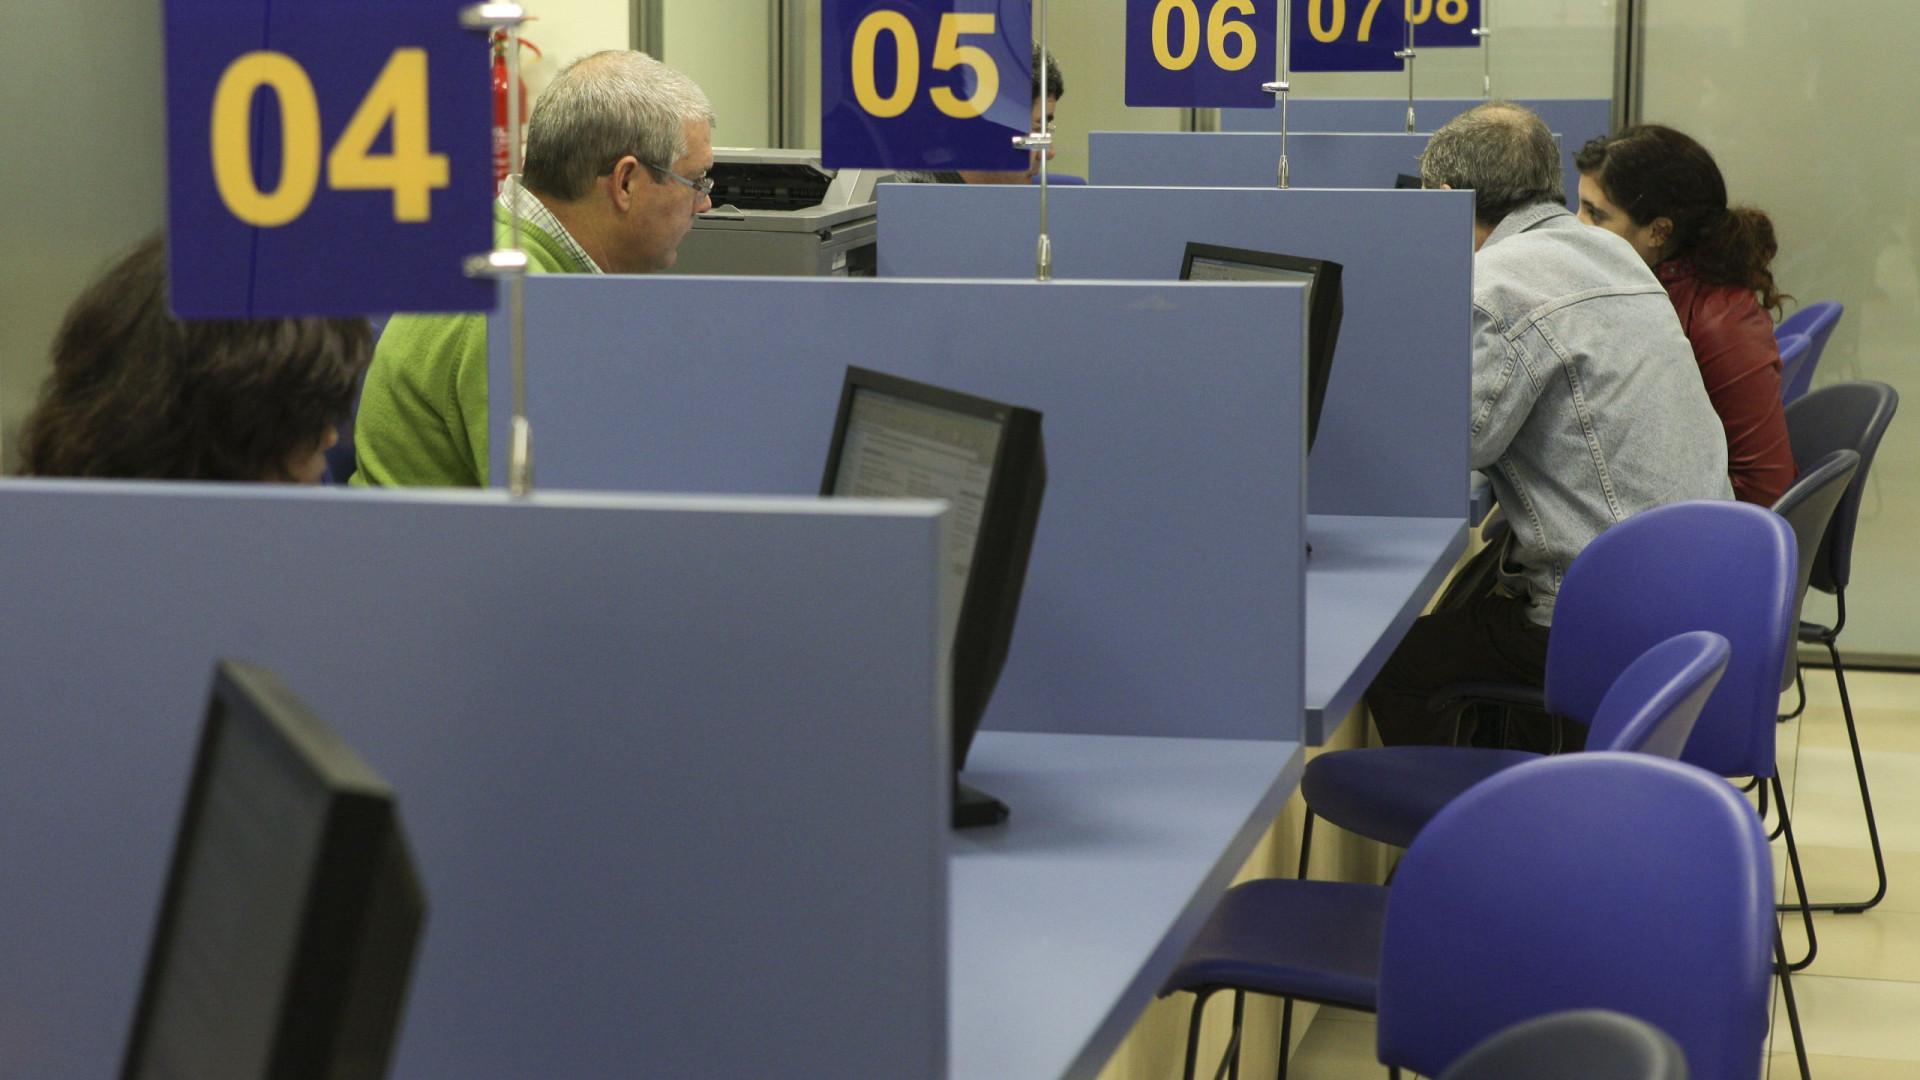 Termina dia 28 o prazo para Função Pública optar pela requalificação